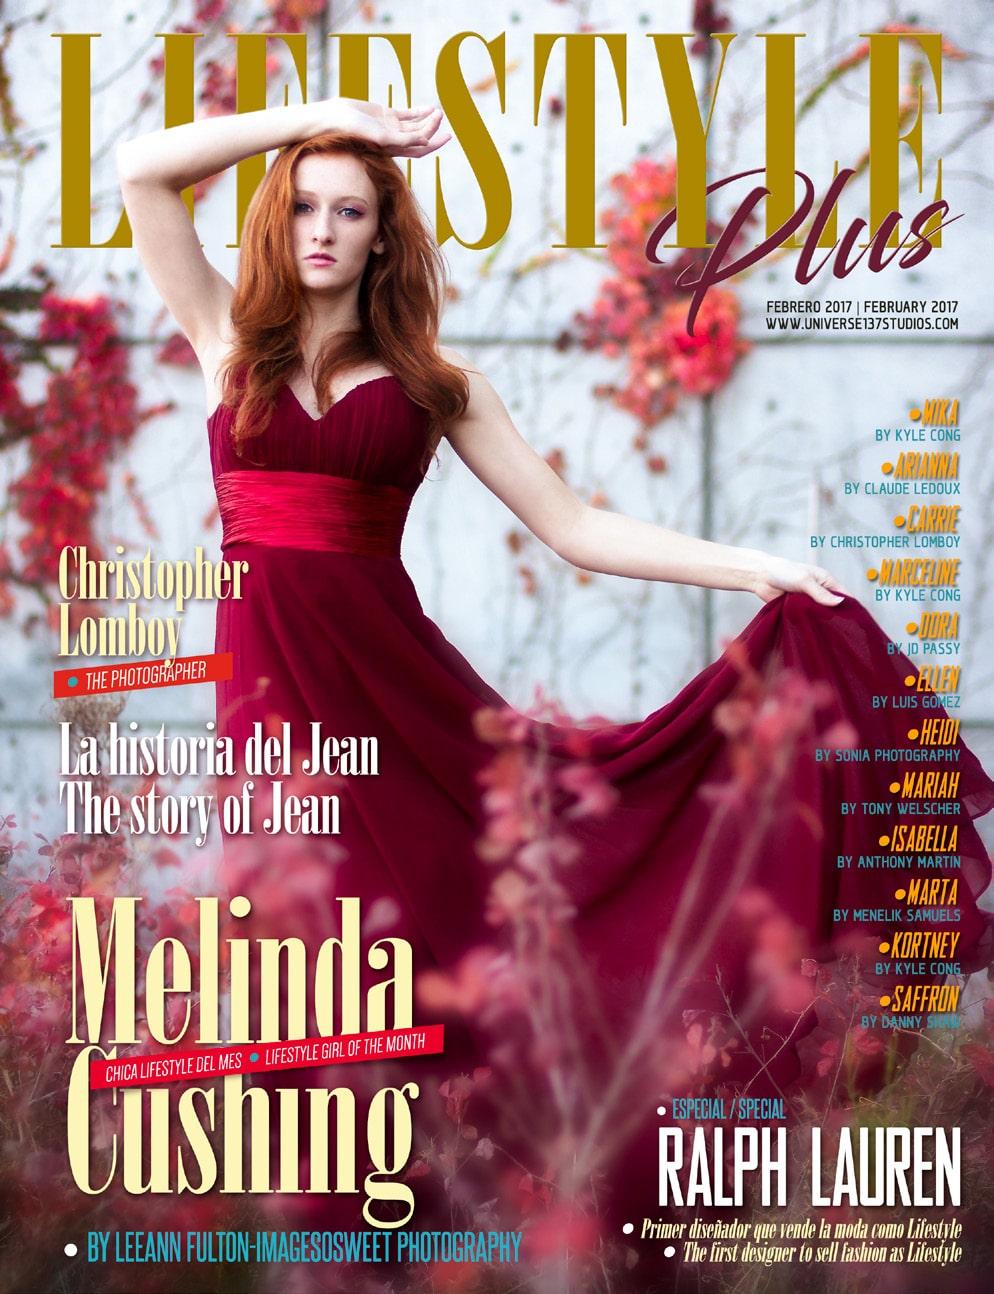 Lifestyle Plus Magazine – February 2017